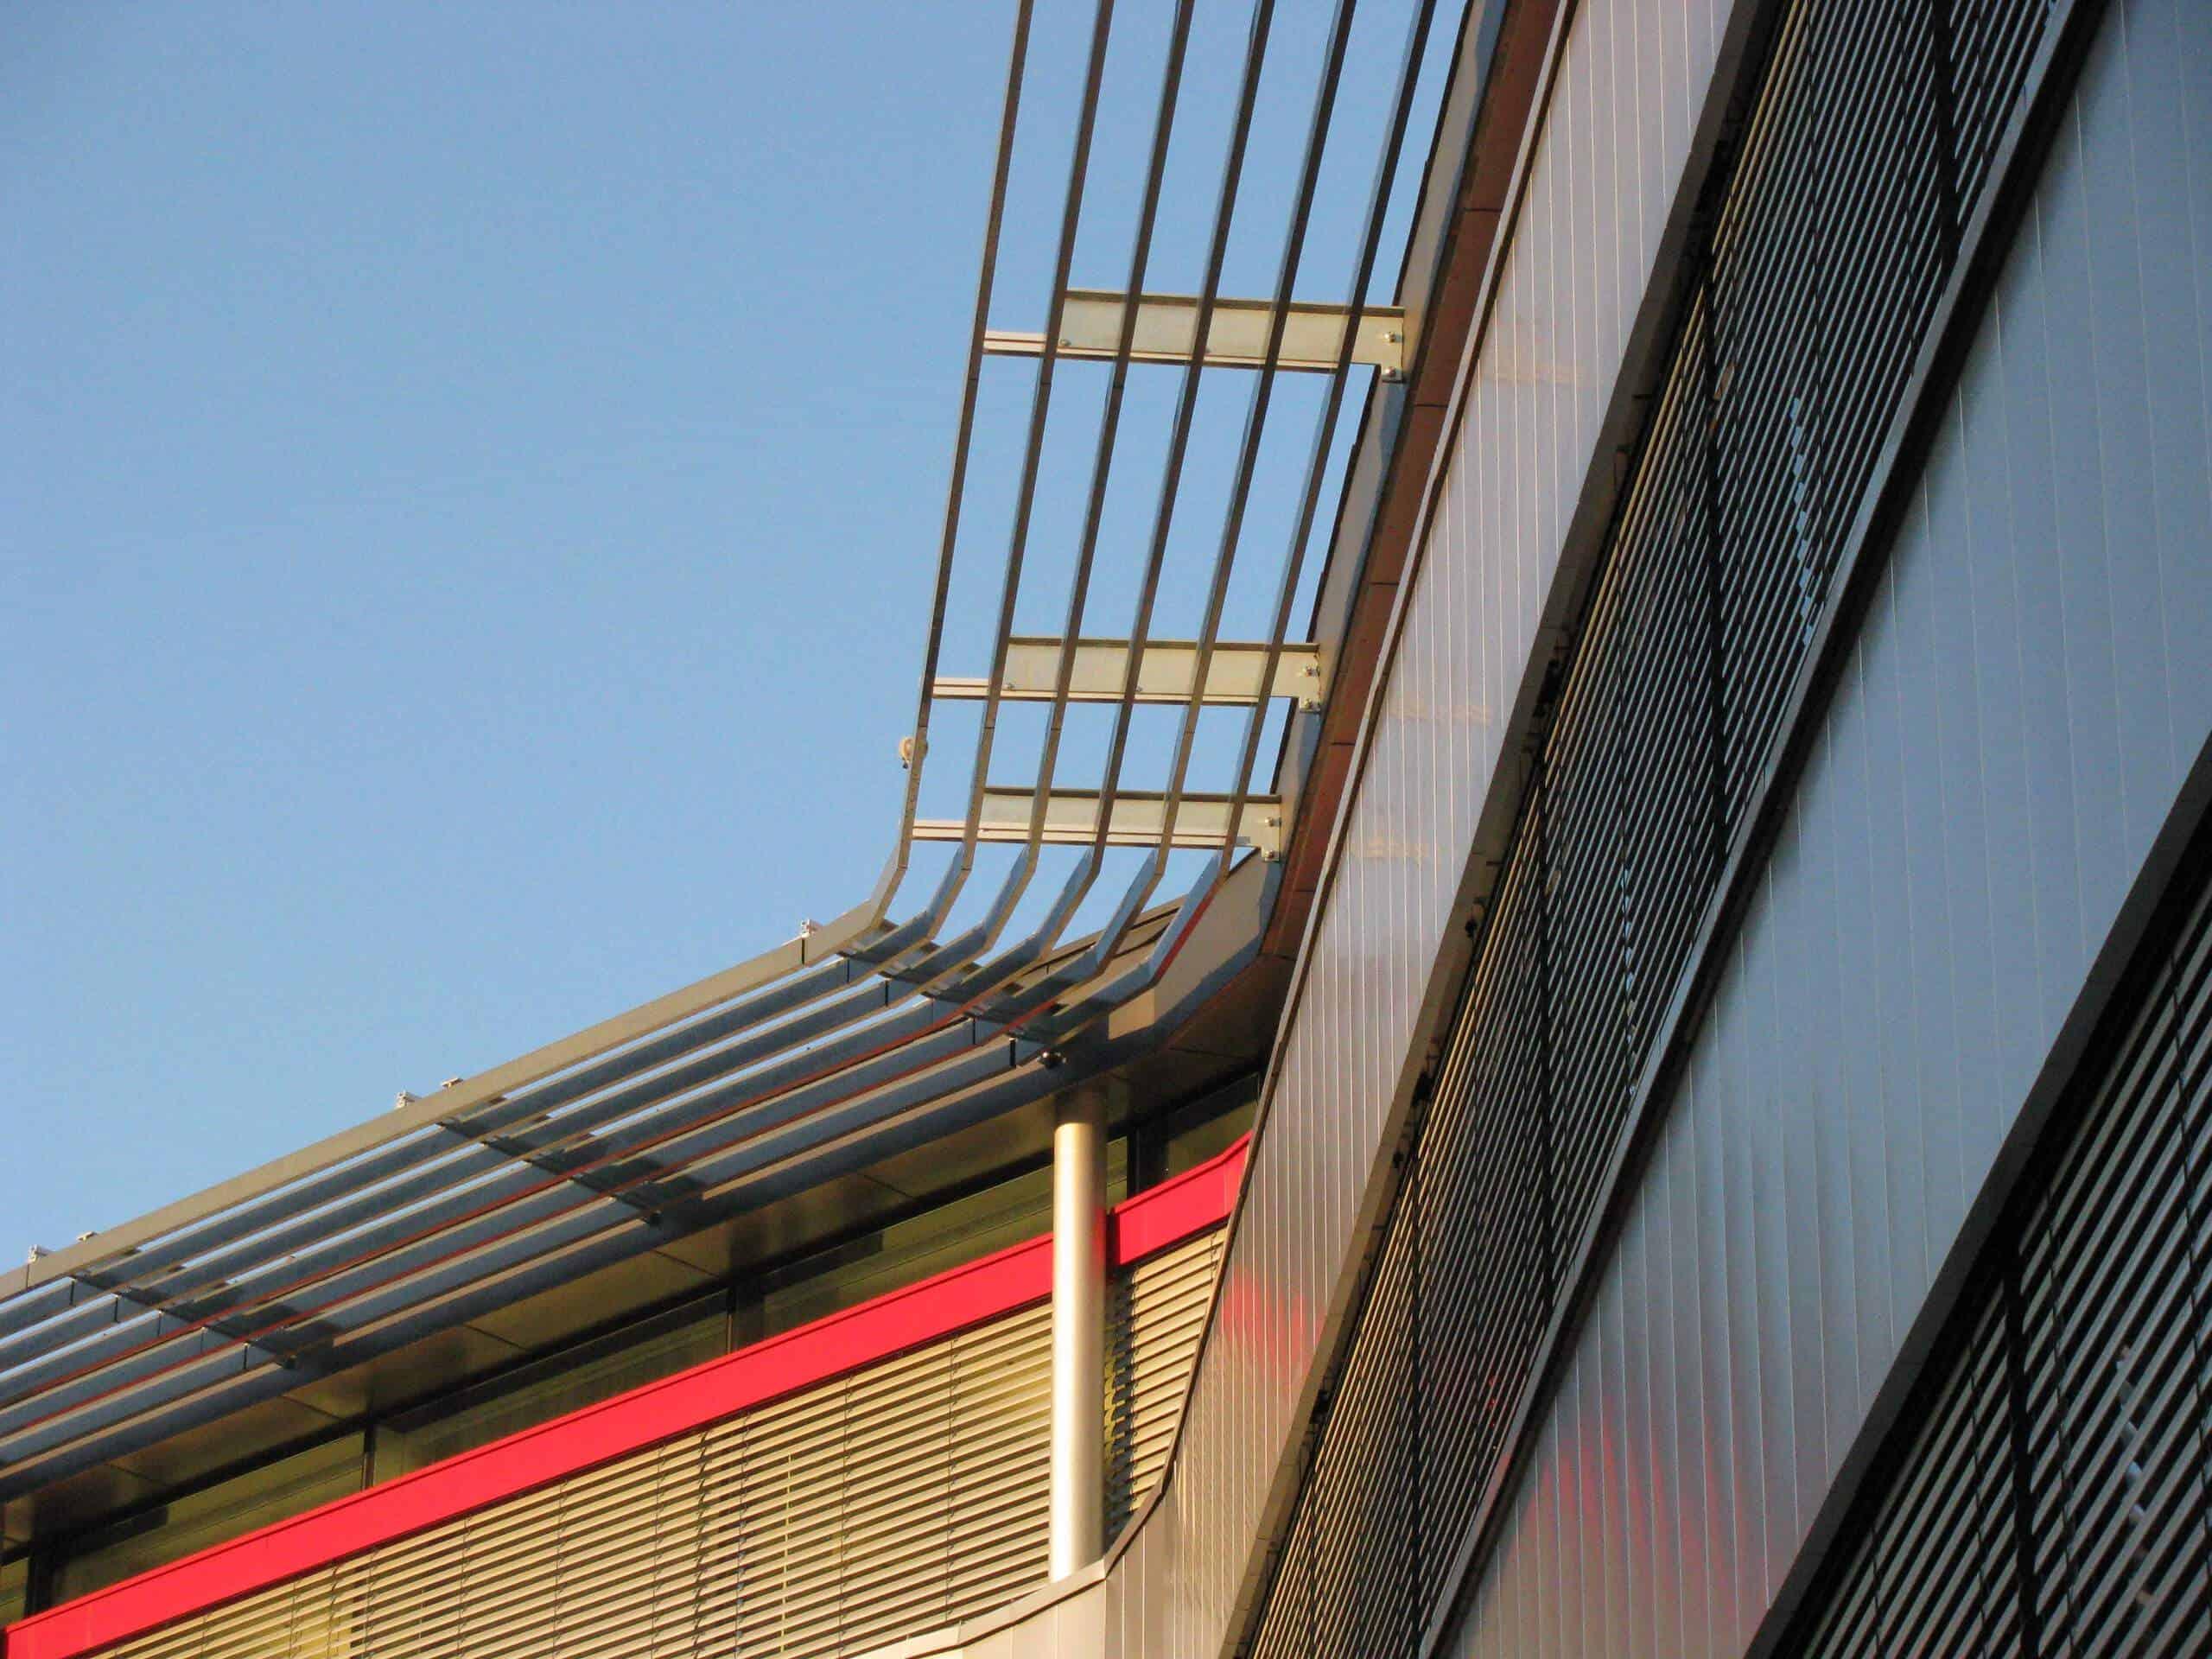 solskjerm bygning metall